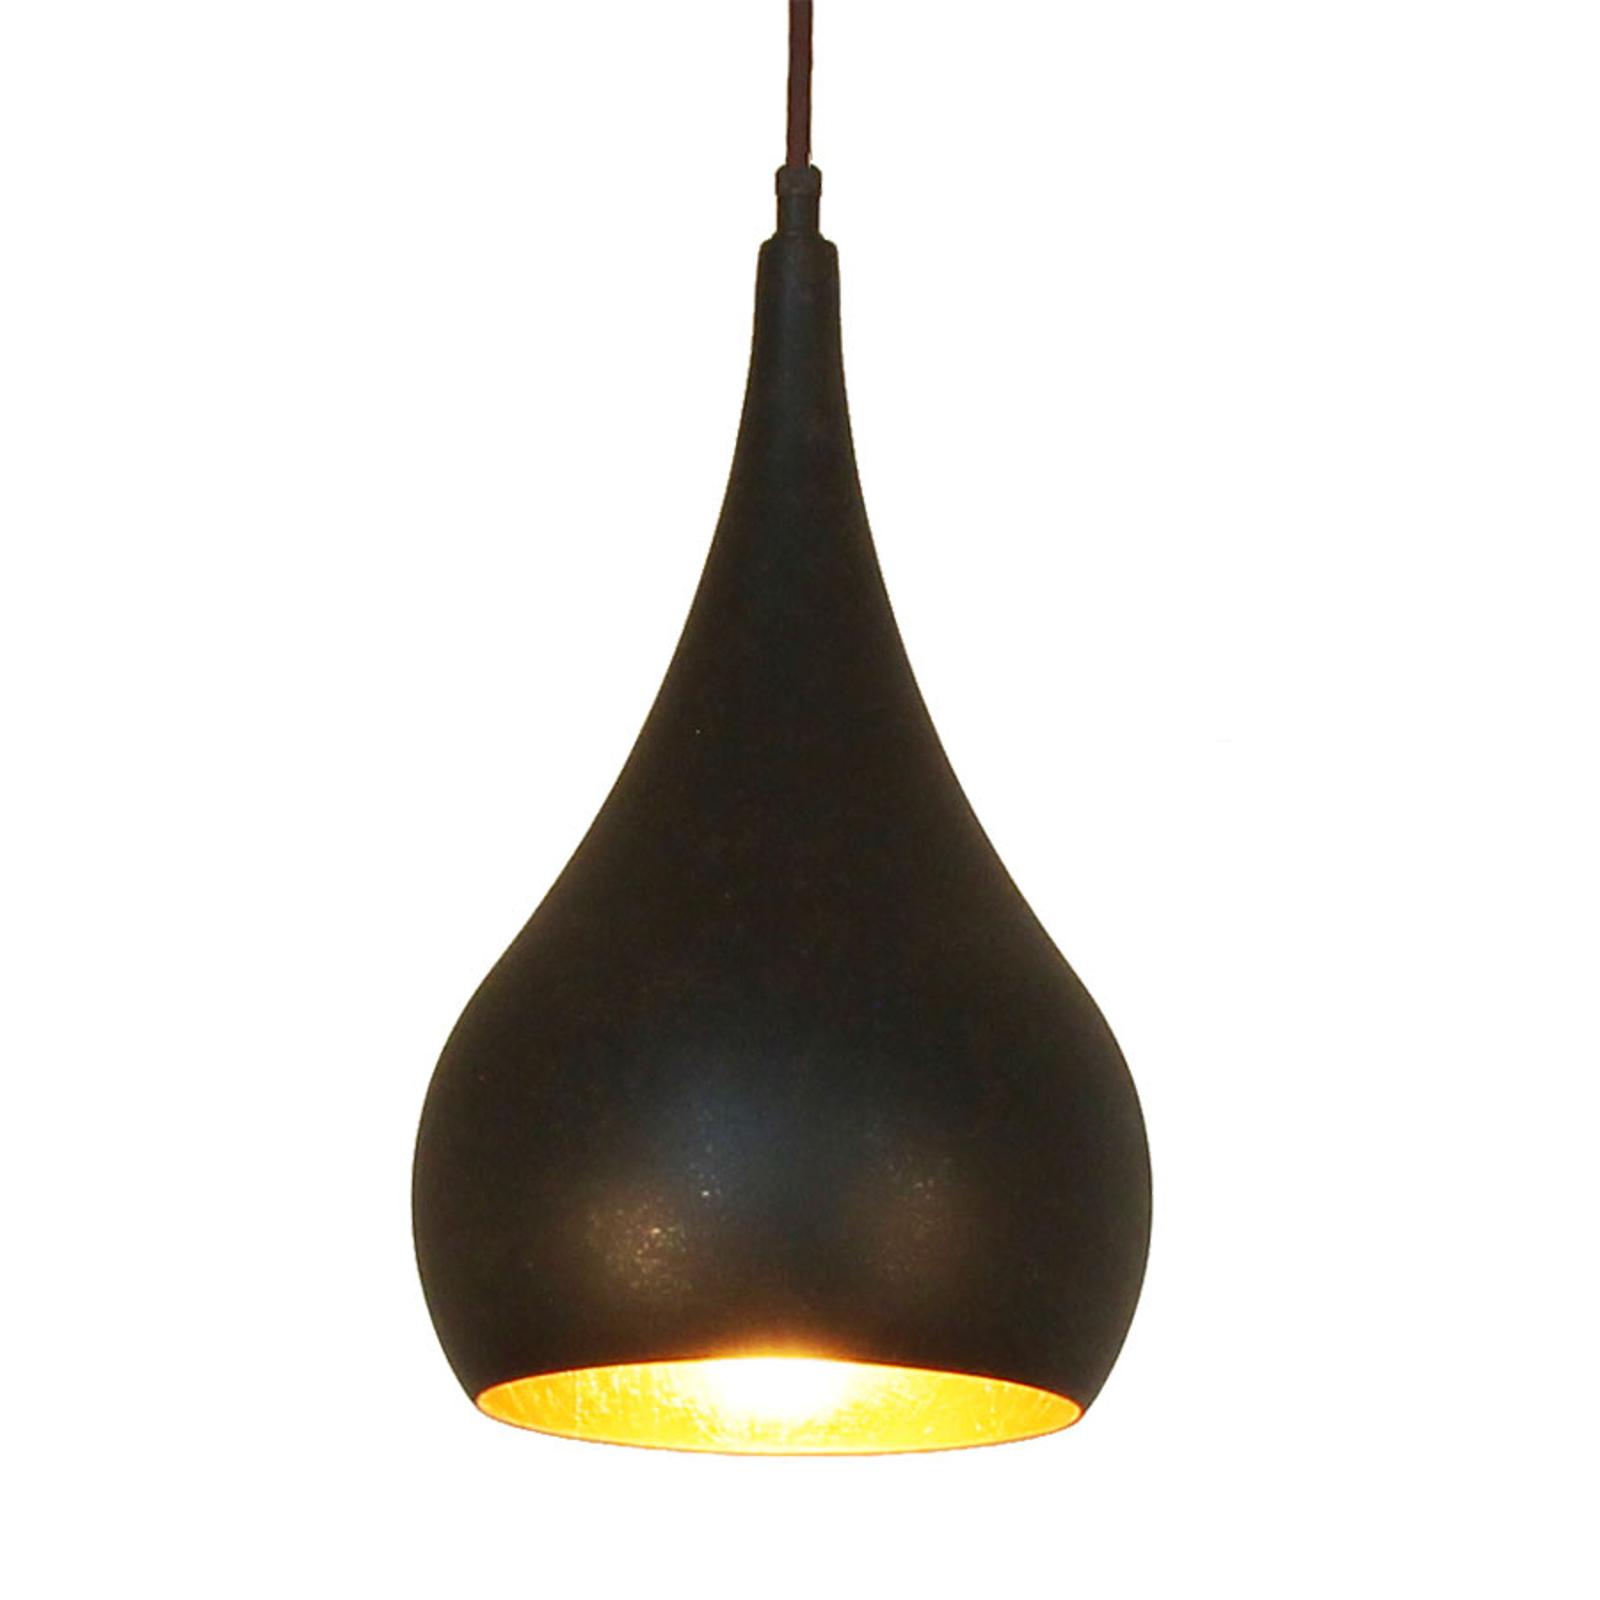 Menzel Solo sospensione cipolla marrone-nero 16 cm